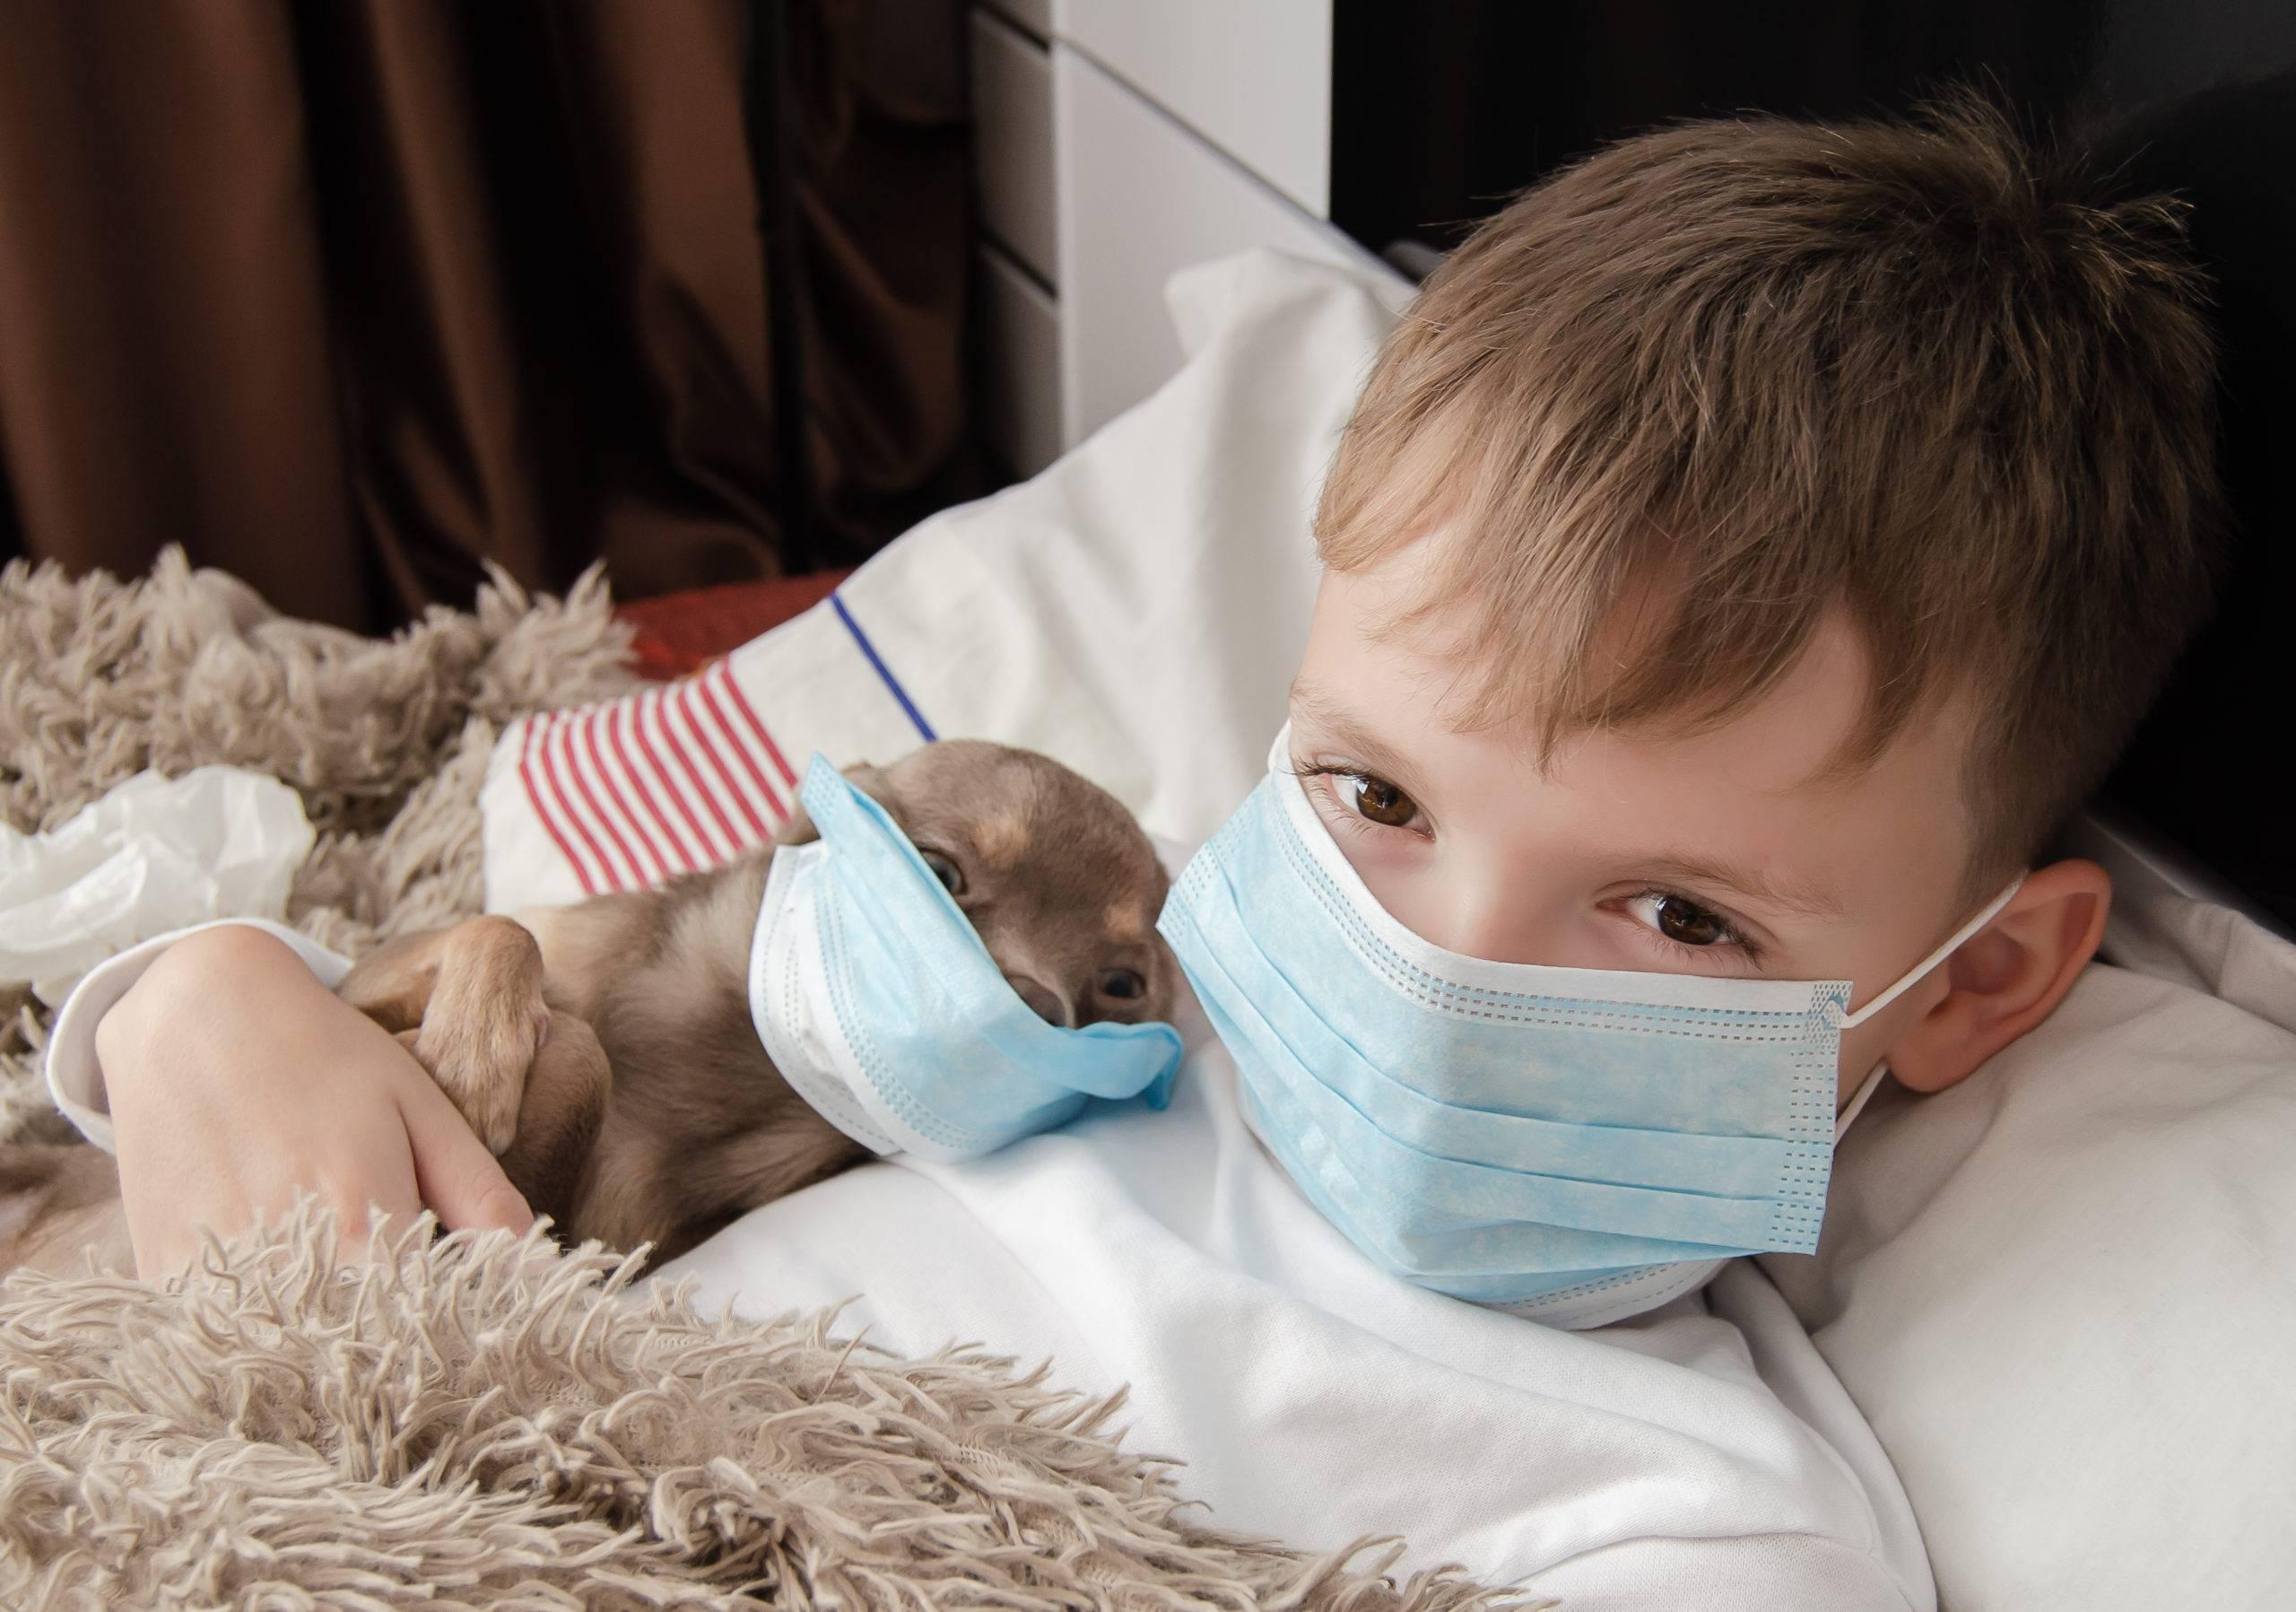 Se știa încă din martie că riscul de îmbolnăvire și transmitere a bolii la copii este minim în cazul […]